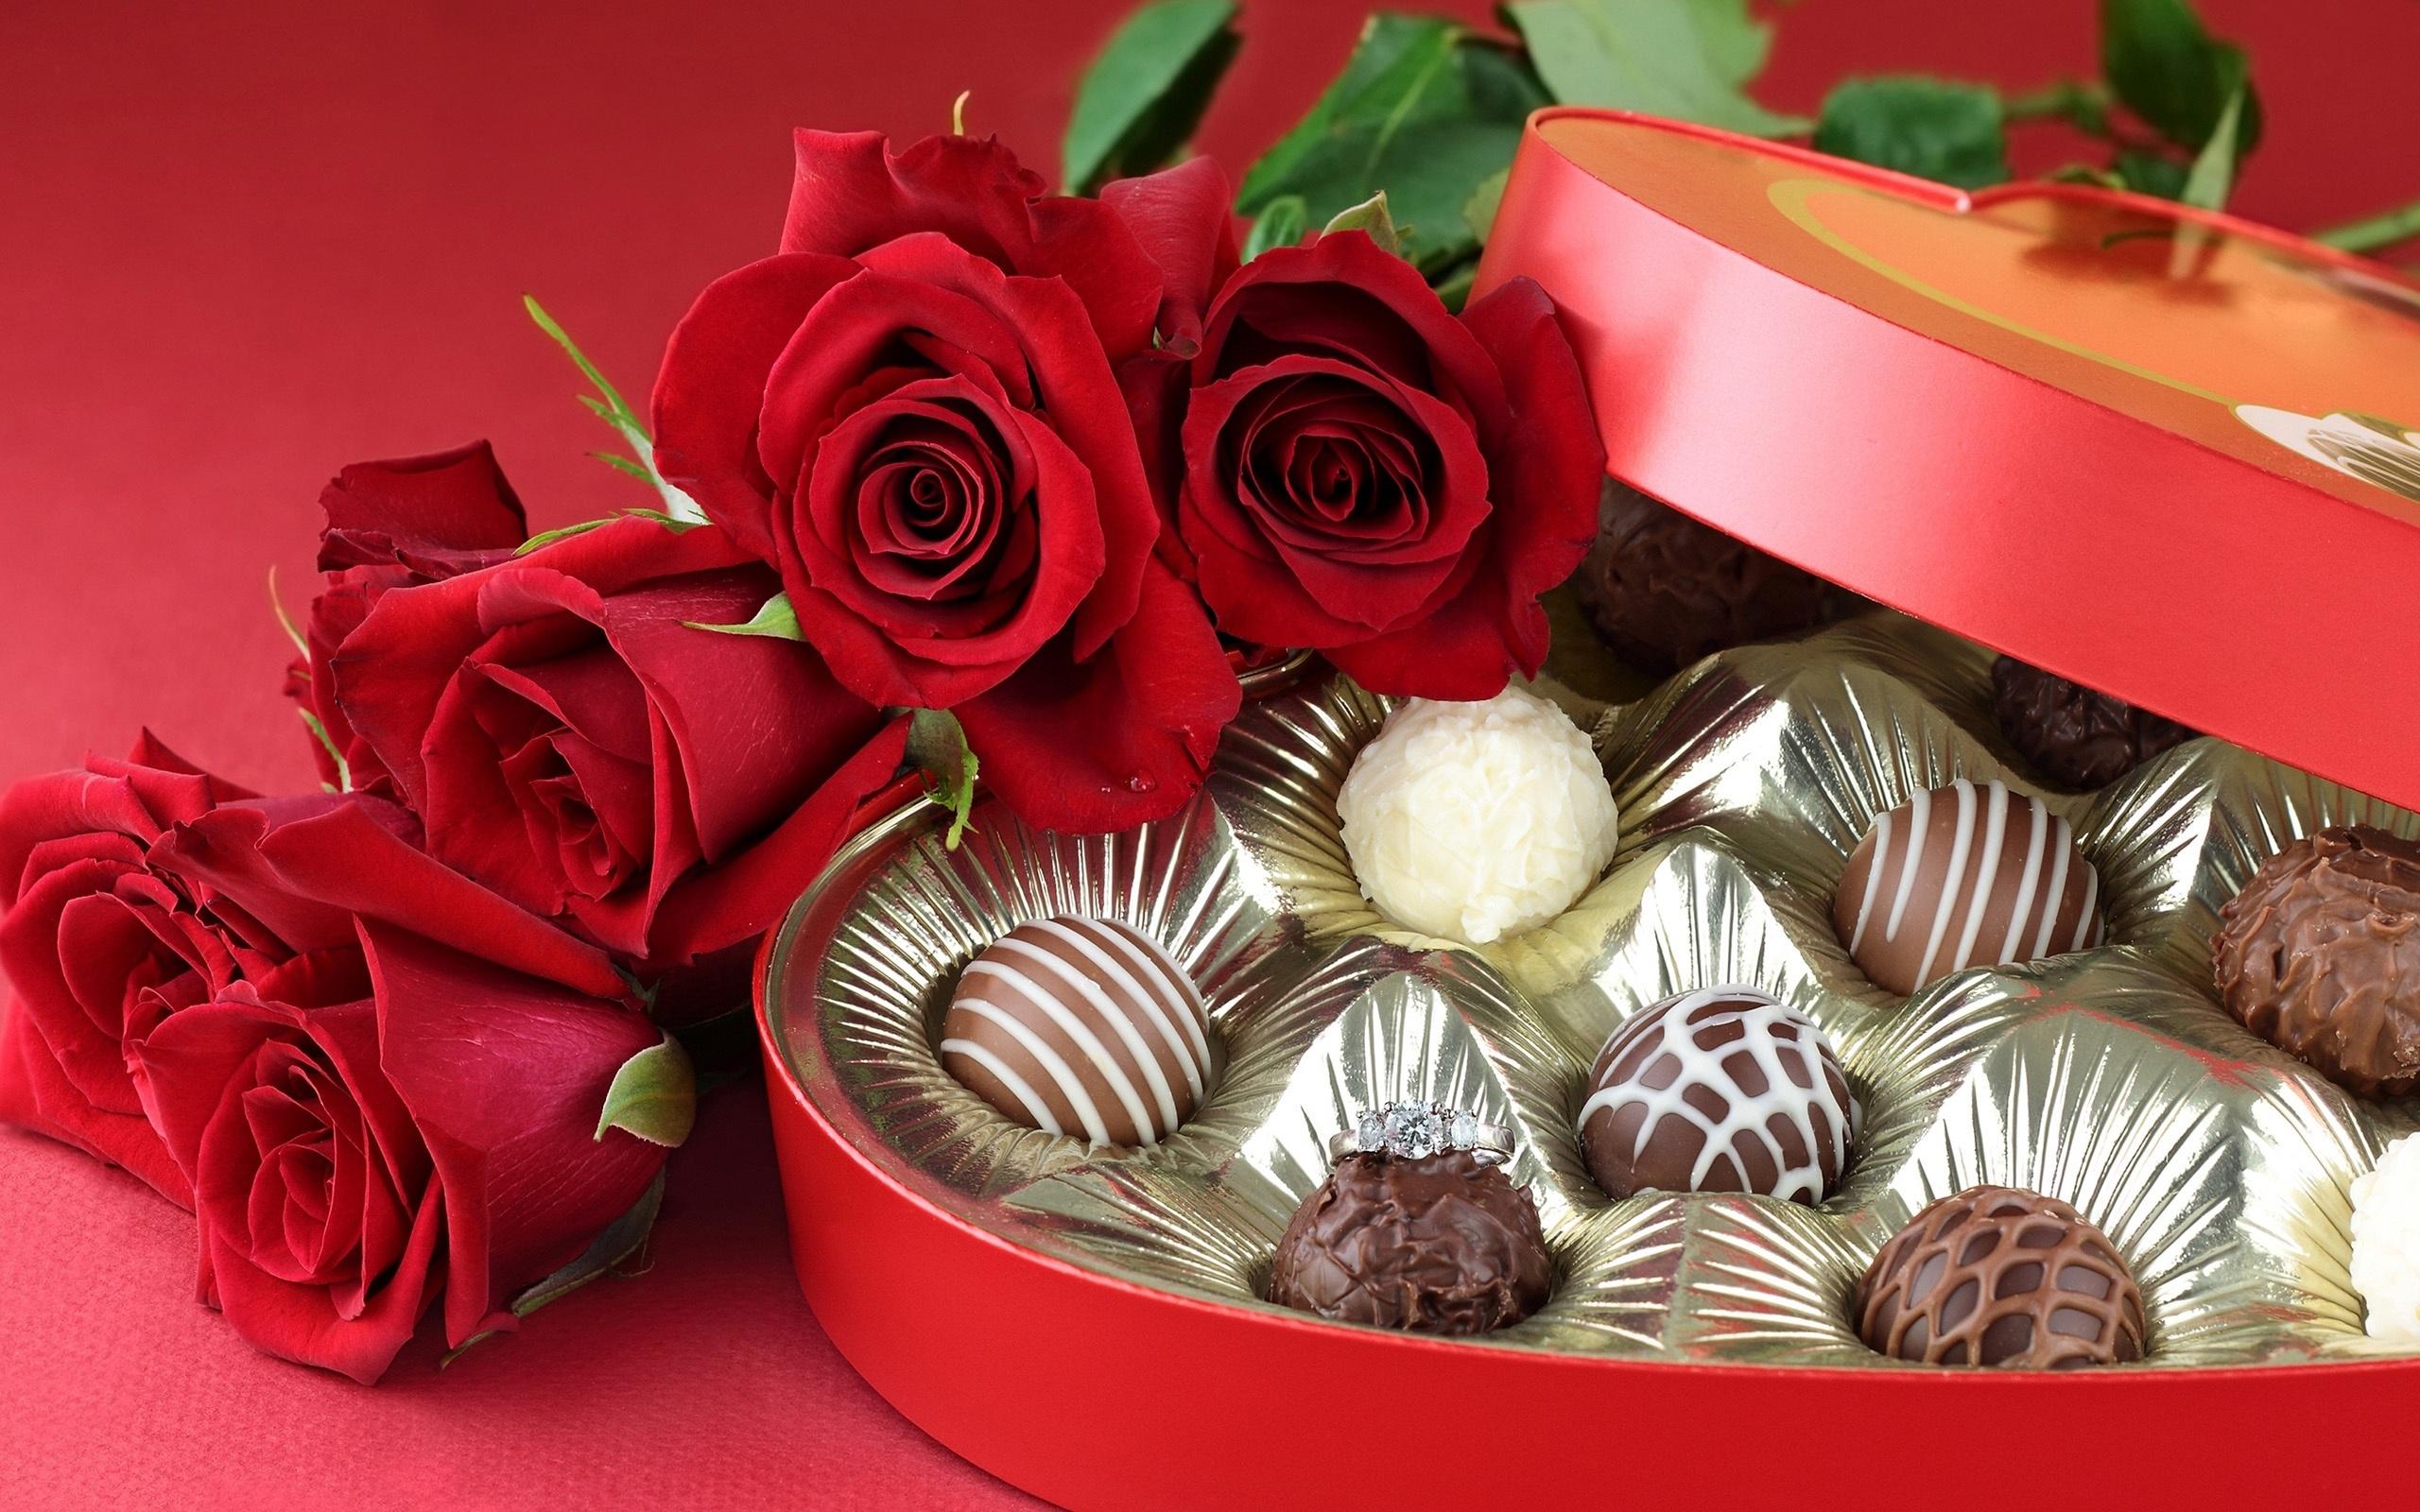 Ảnh hoa hồng và sô cô la dành cho ngày valentine đẹp